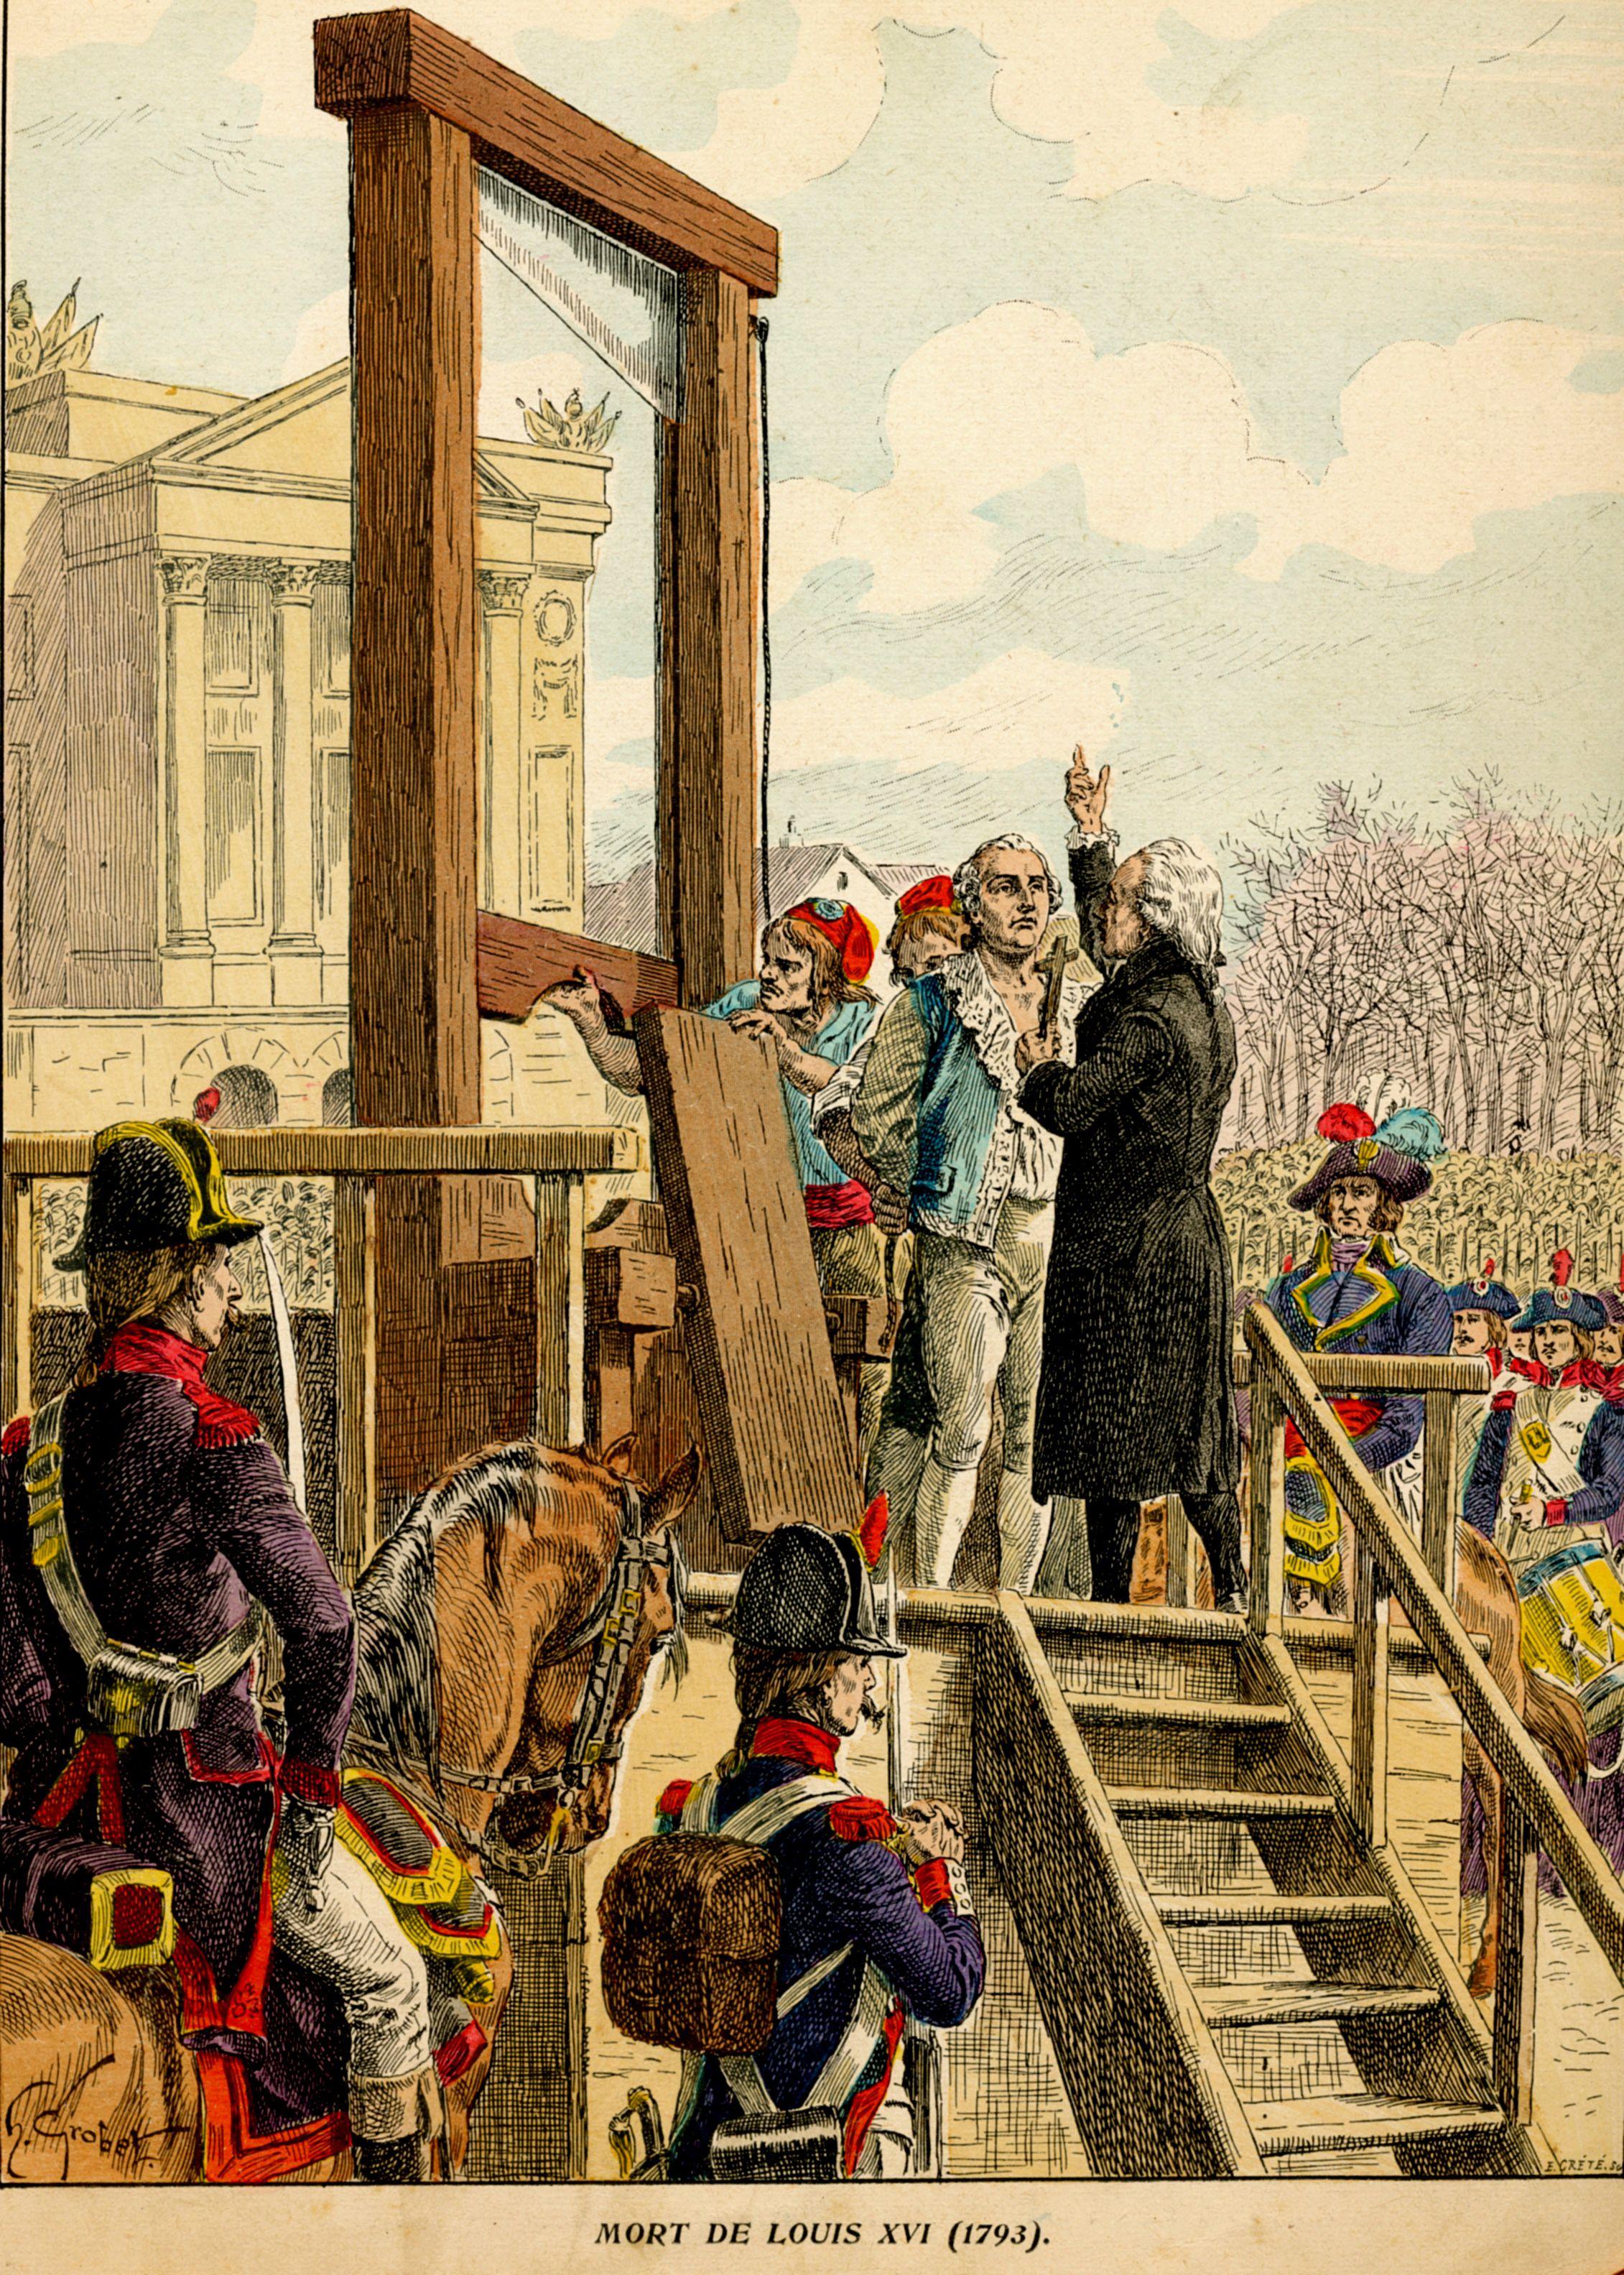 Mort de Louis XVI (1793) | Histoire de France | Pinterest ...